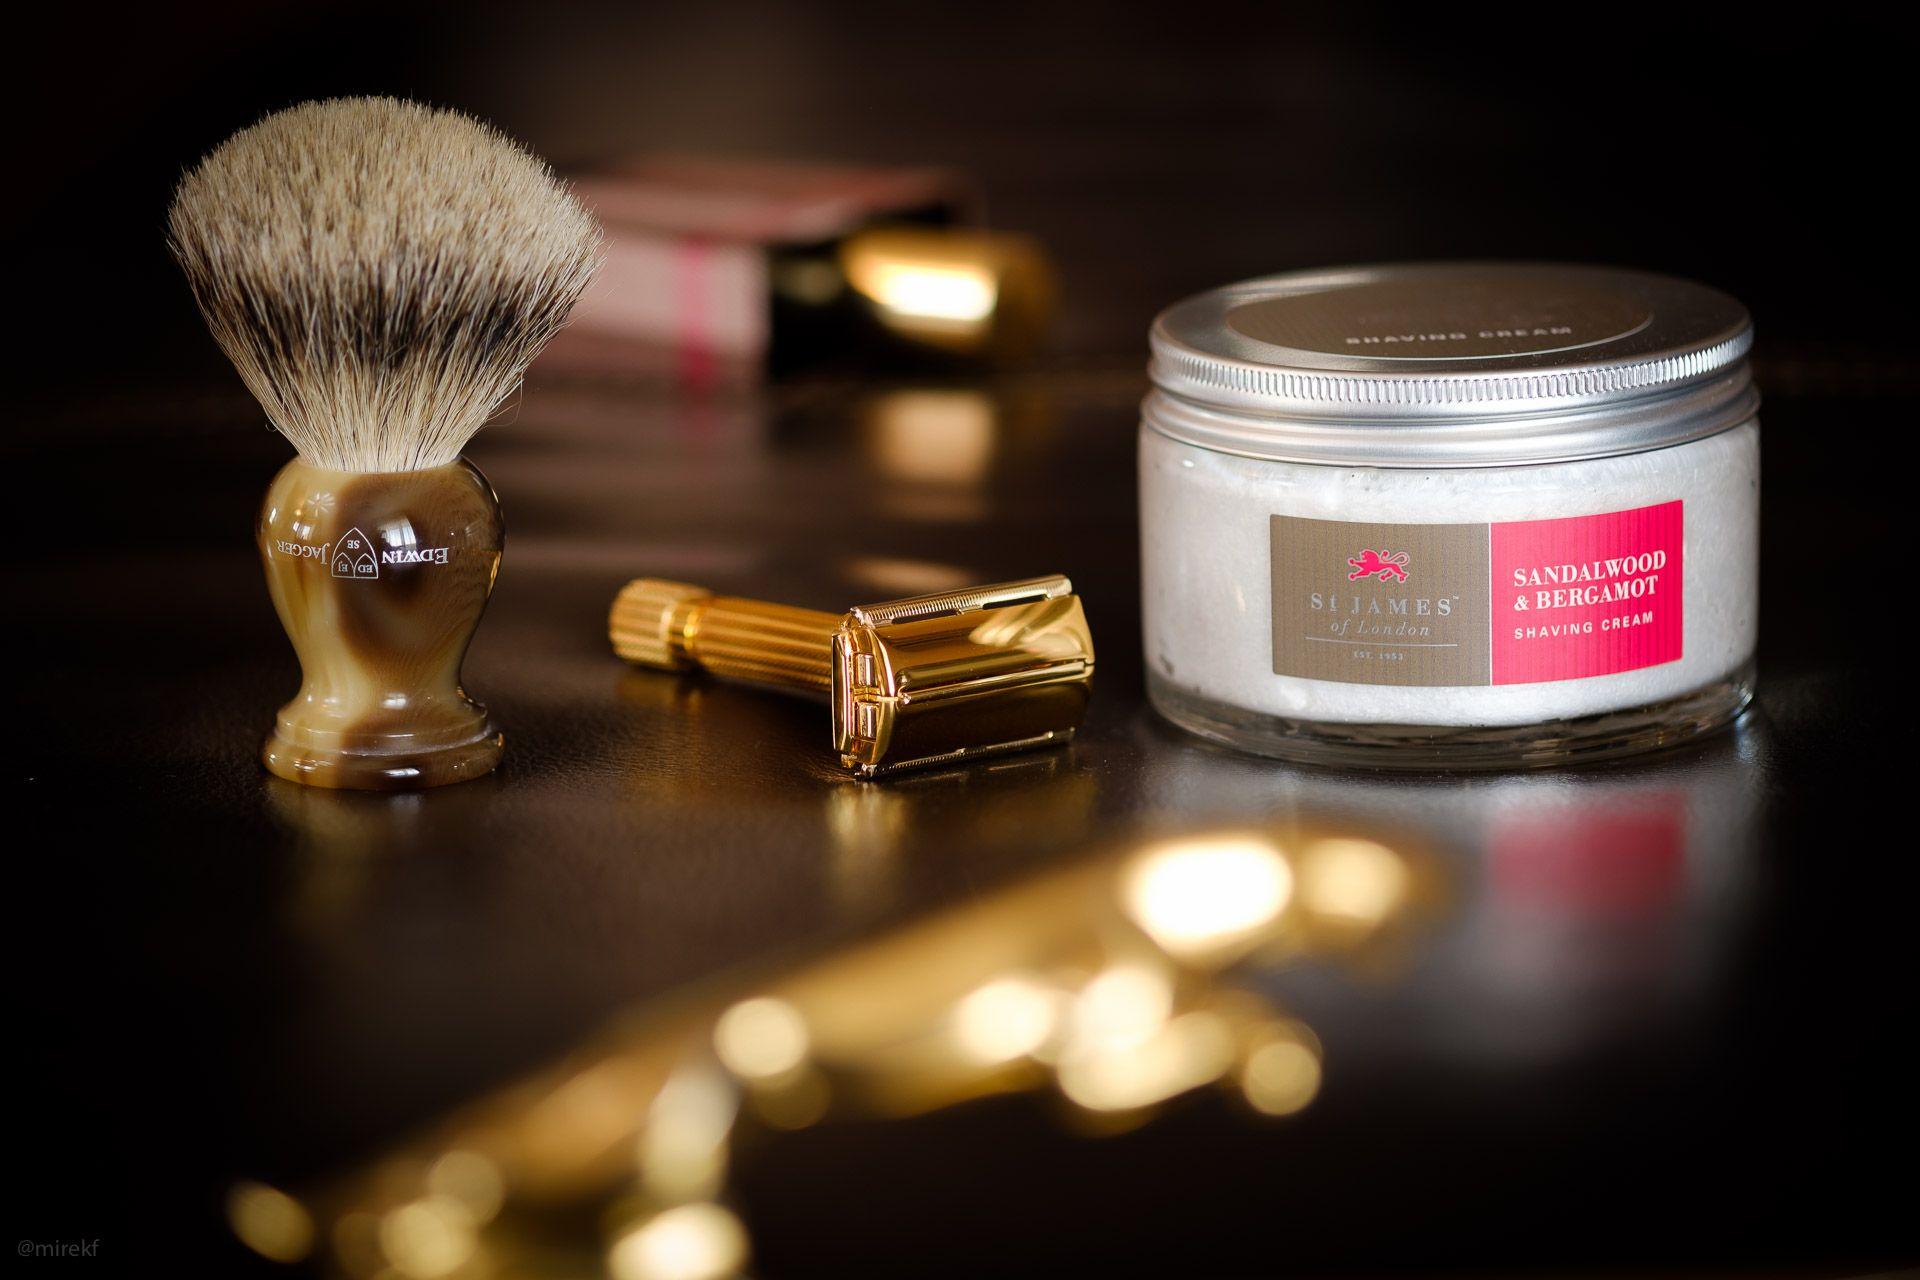 st.james-sandalwood&bergamot-shaving-cream-scenka2